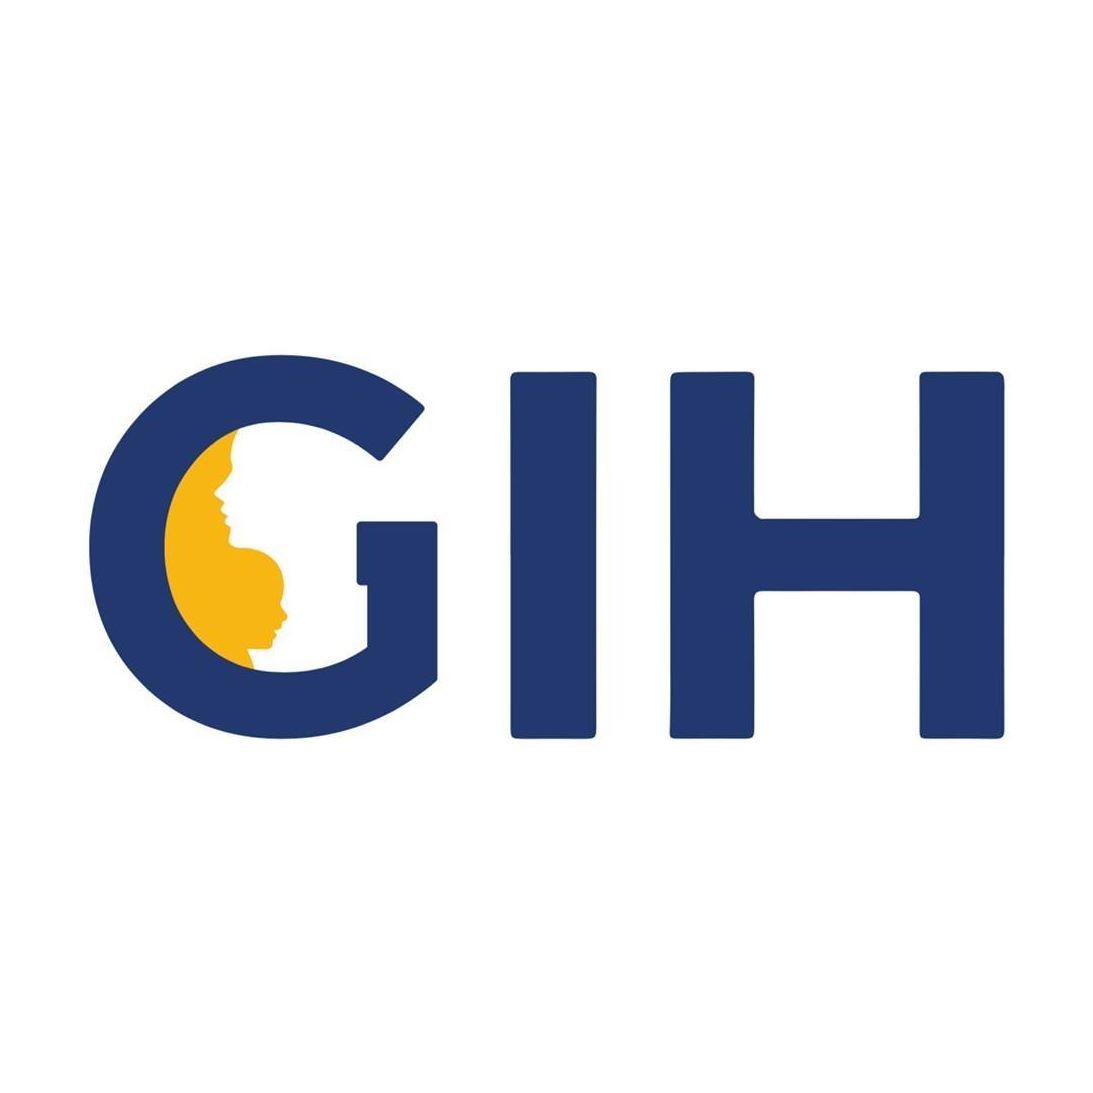 Logo Công ty TNHH Bệnh Viện Phương Nam (Bệnh Viện Quốc Tế Gia Khang)